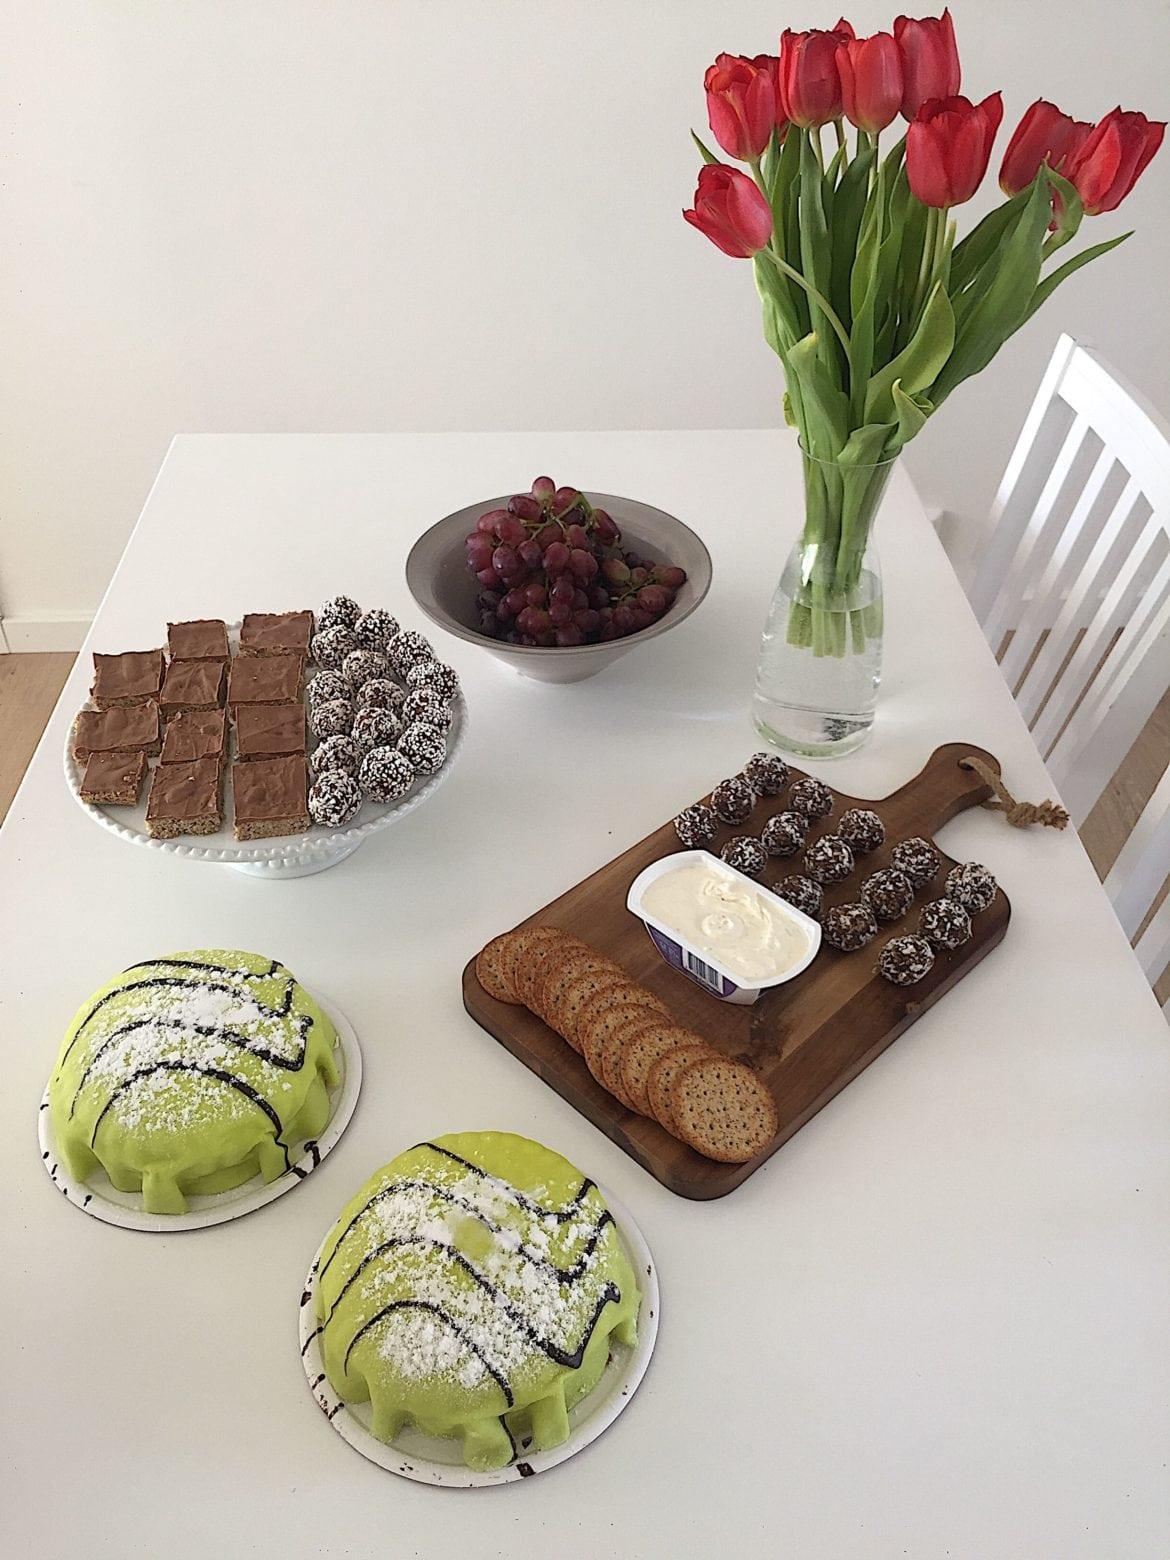 Dadelbollar, sockerfria chokladbollar, nougatrutor